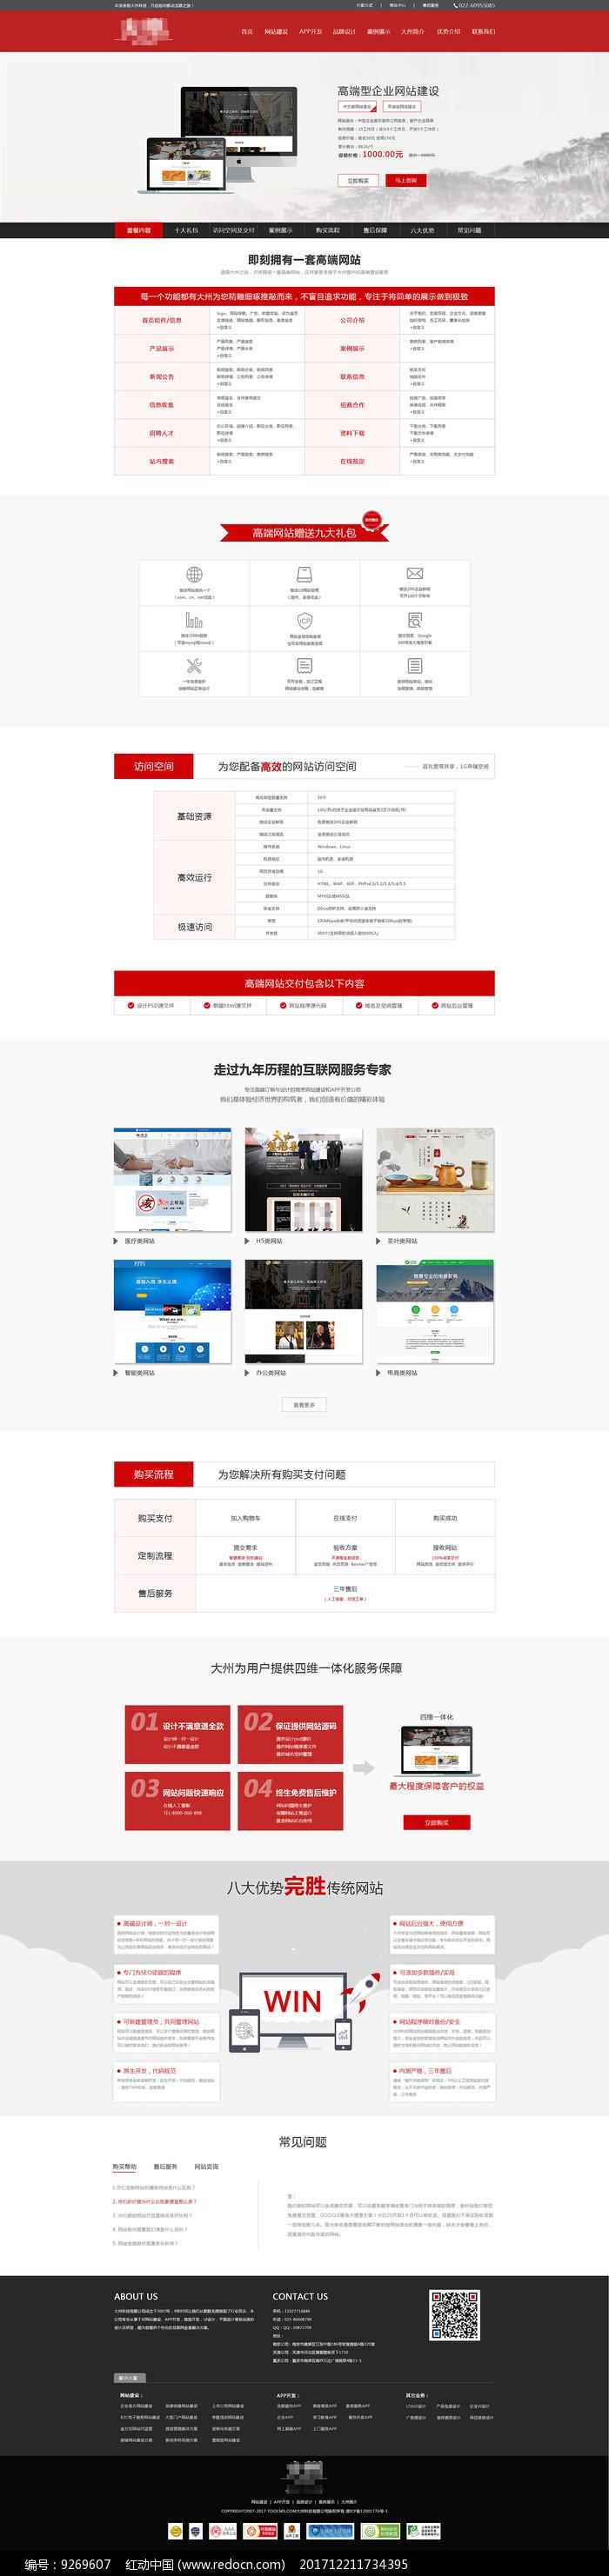 网站建设套餐详情商城企业网站图片